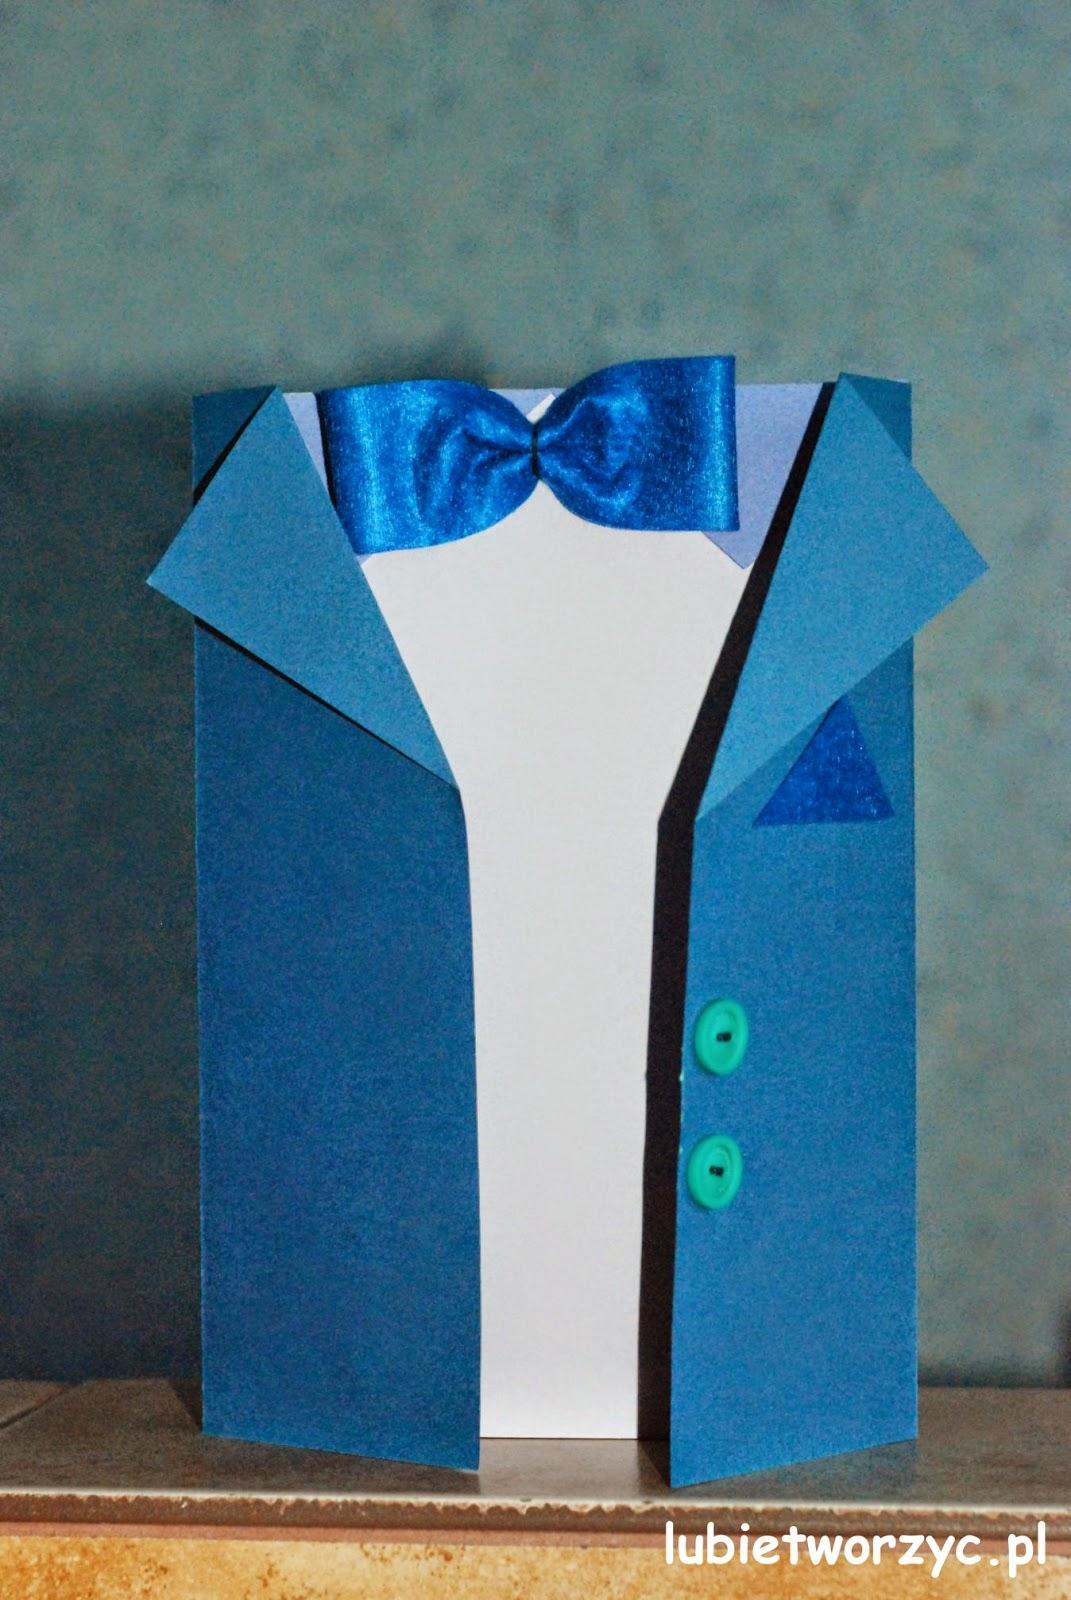 Lubi tworzy garnitur kartka z okazji dnia taty for Couch 3 2 1 garnitur